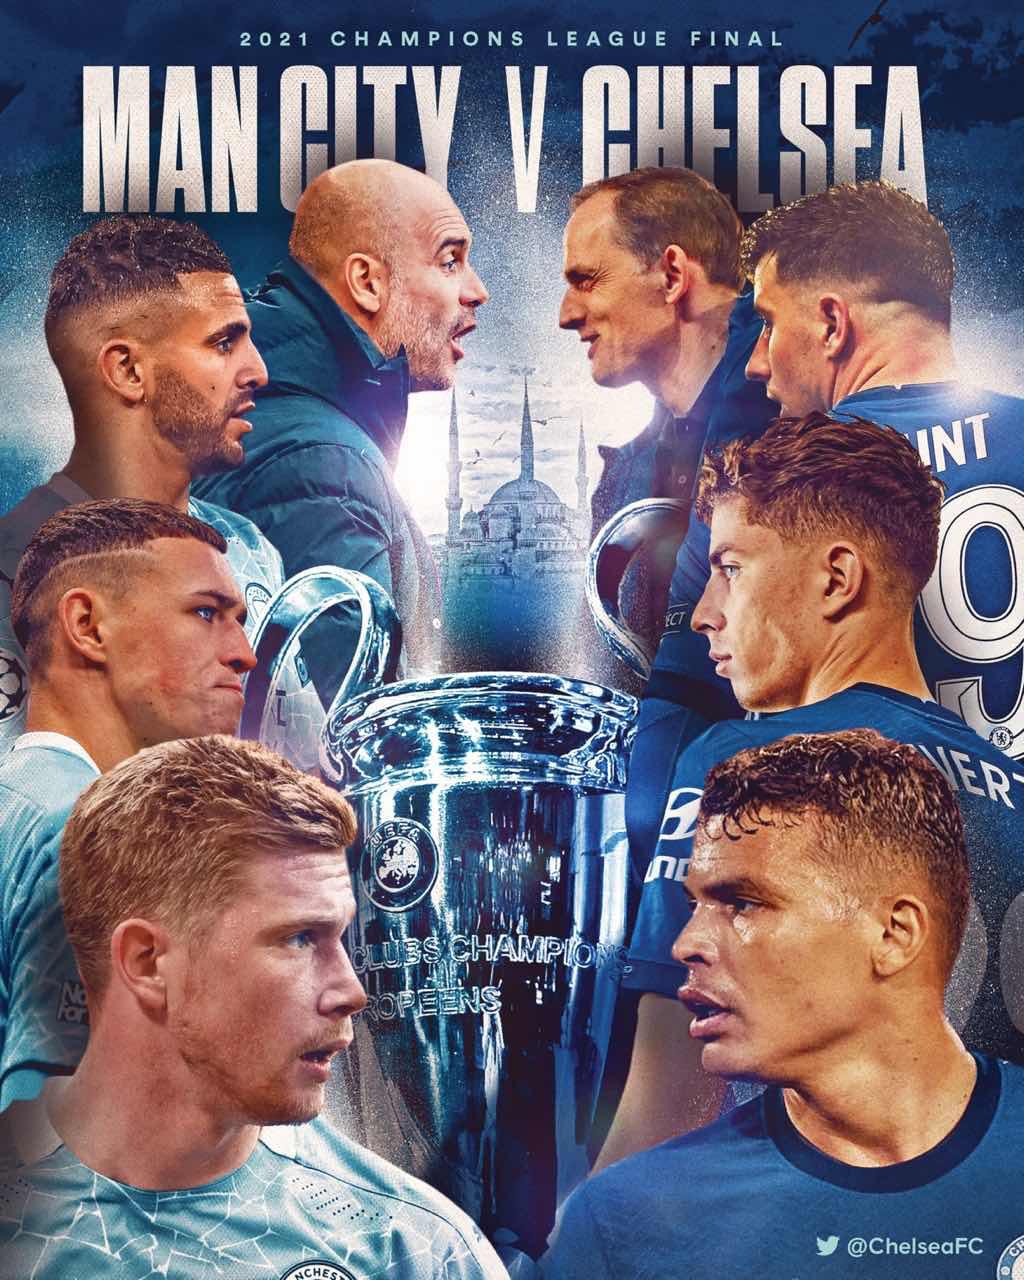 切尔西官推发布欧冠决赛海报:还差一步